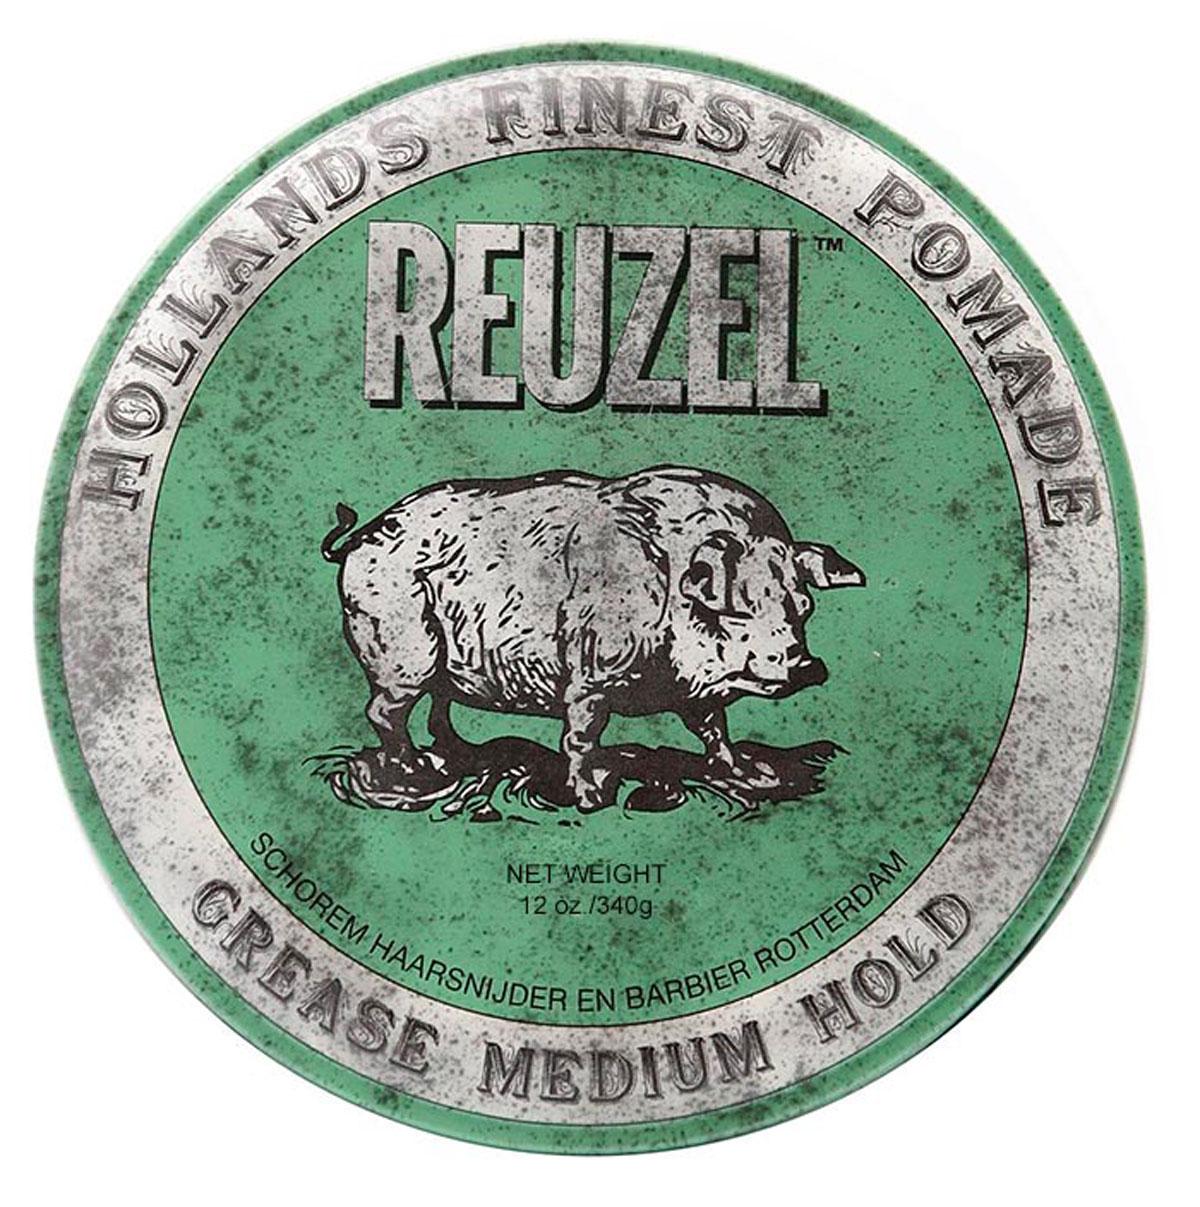 Reuzel помада для укладки волос, зеленая банка 340грREU007Reuzel Grease - это помада на основе воска и масла безупречного качества. Дает мягкое среднее сияние и превосходную фиксацию. Reuzel Grease Pomade идеально подходит как для классики: помпадур, квифф, контур, так и для современных смелых форм. Помада подходит для нормальных и плотных волос, обеспечивает сильную (жесткую) фиксацию, позволяя придавать прическе любую форму. Помада обладает ароматом яблока и перечной мяты.